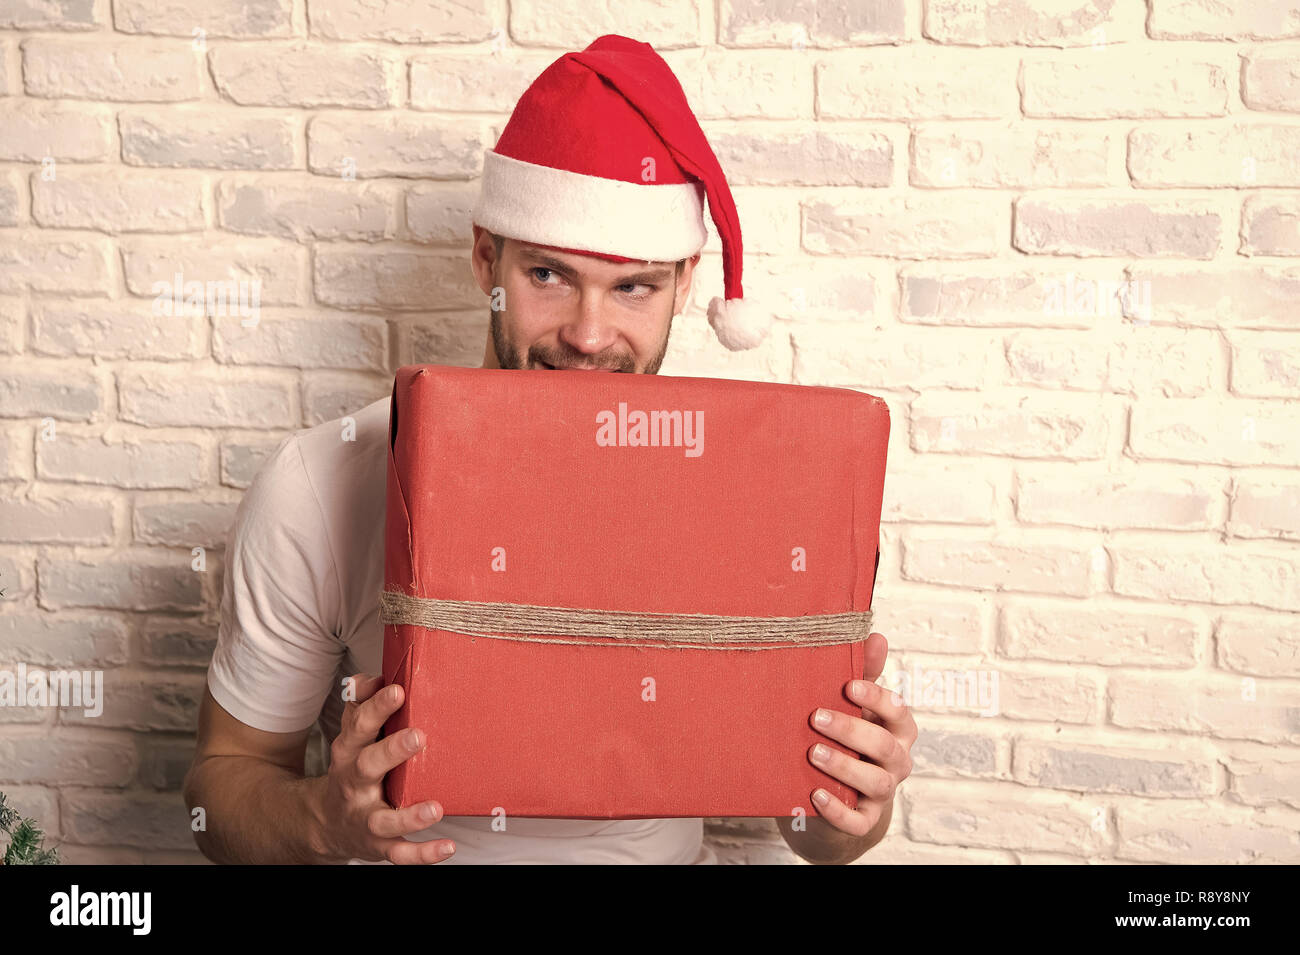 L'homme avec la ruse face à santa hat tenir enveloppé cadeau de noël fort rouge sur blanc mur de briques. Le don et l'échange. Boxing day concept. Photo Stock